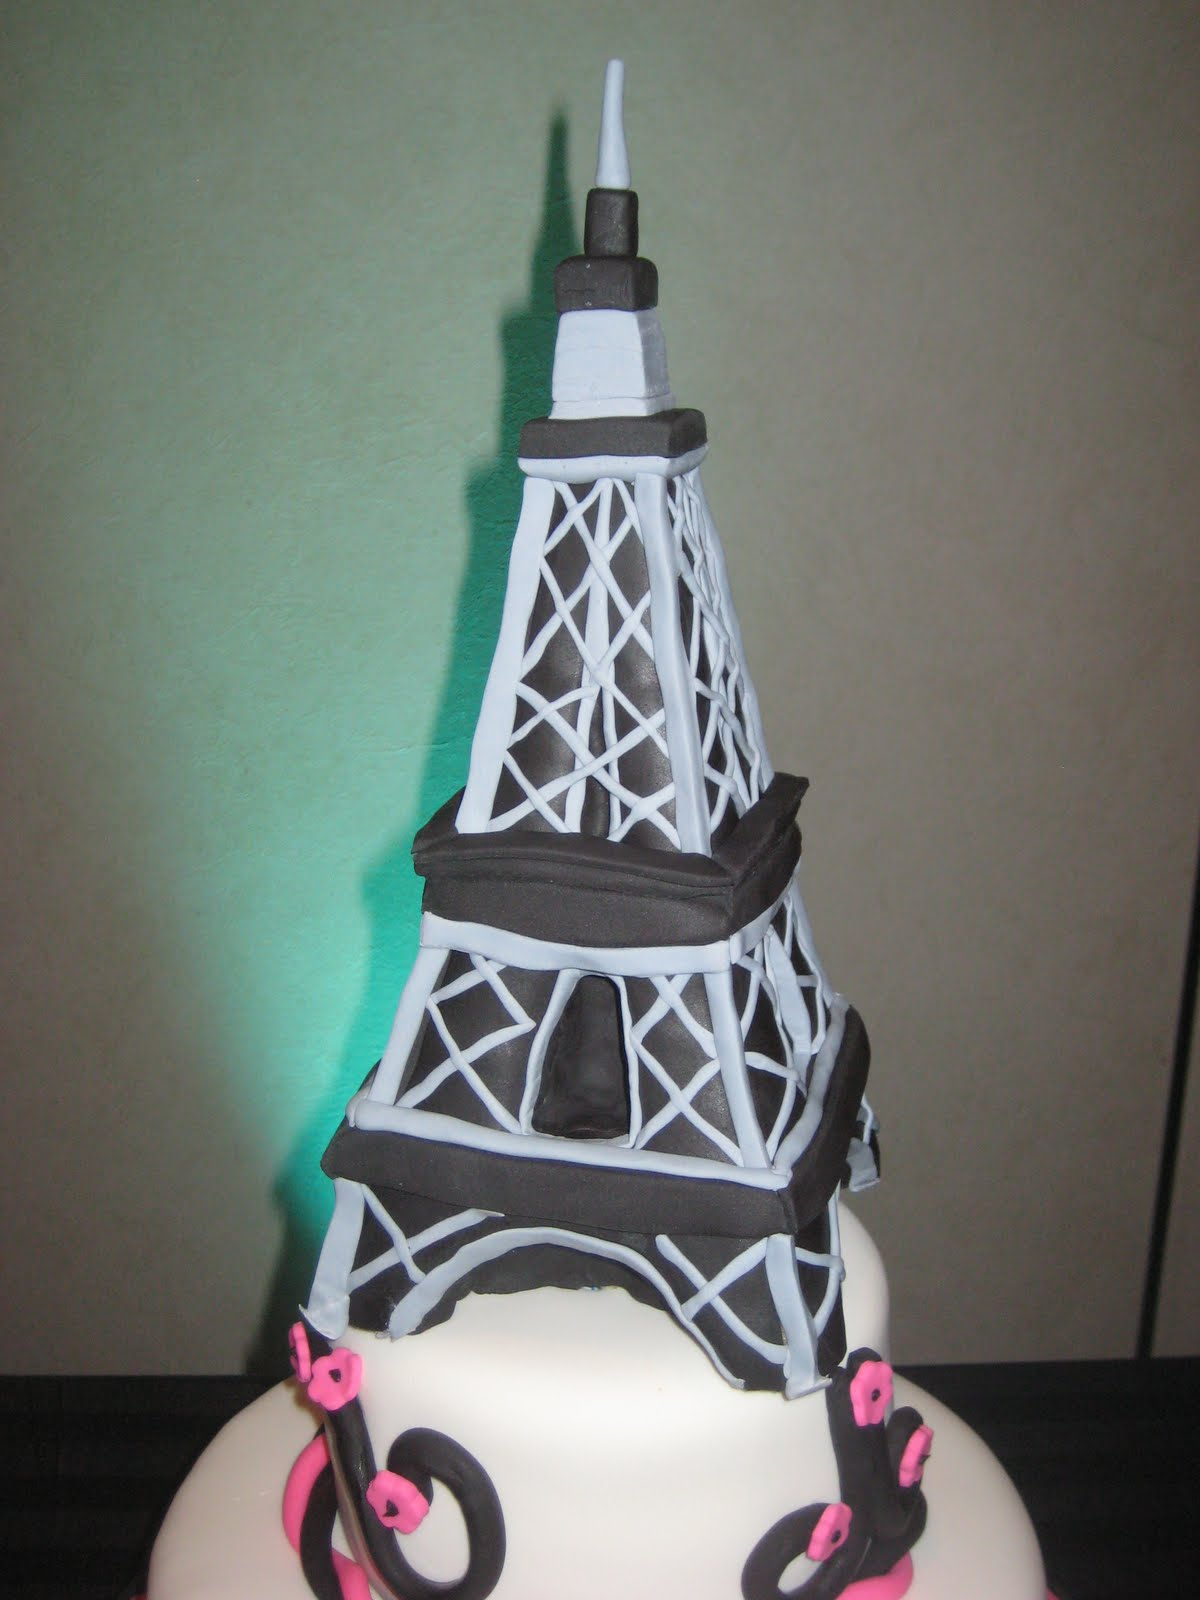 Paris Cakes For Bat Mitzvah